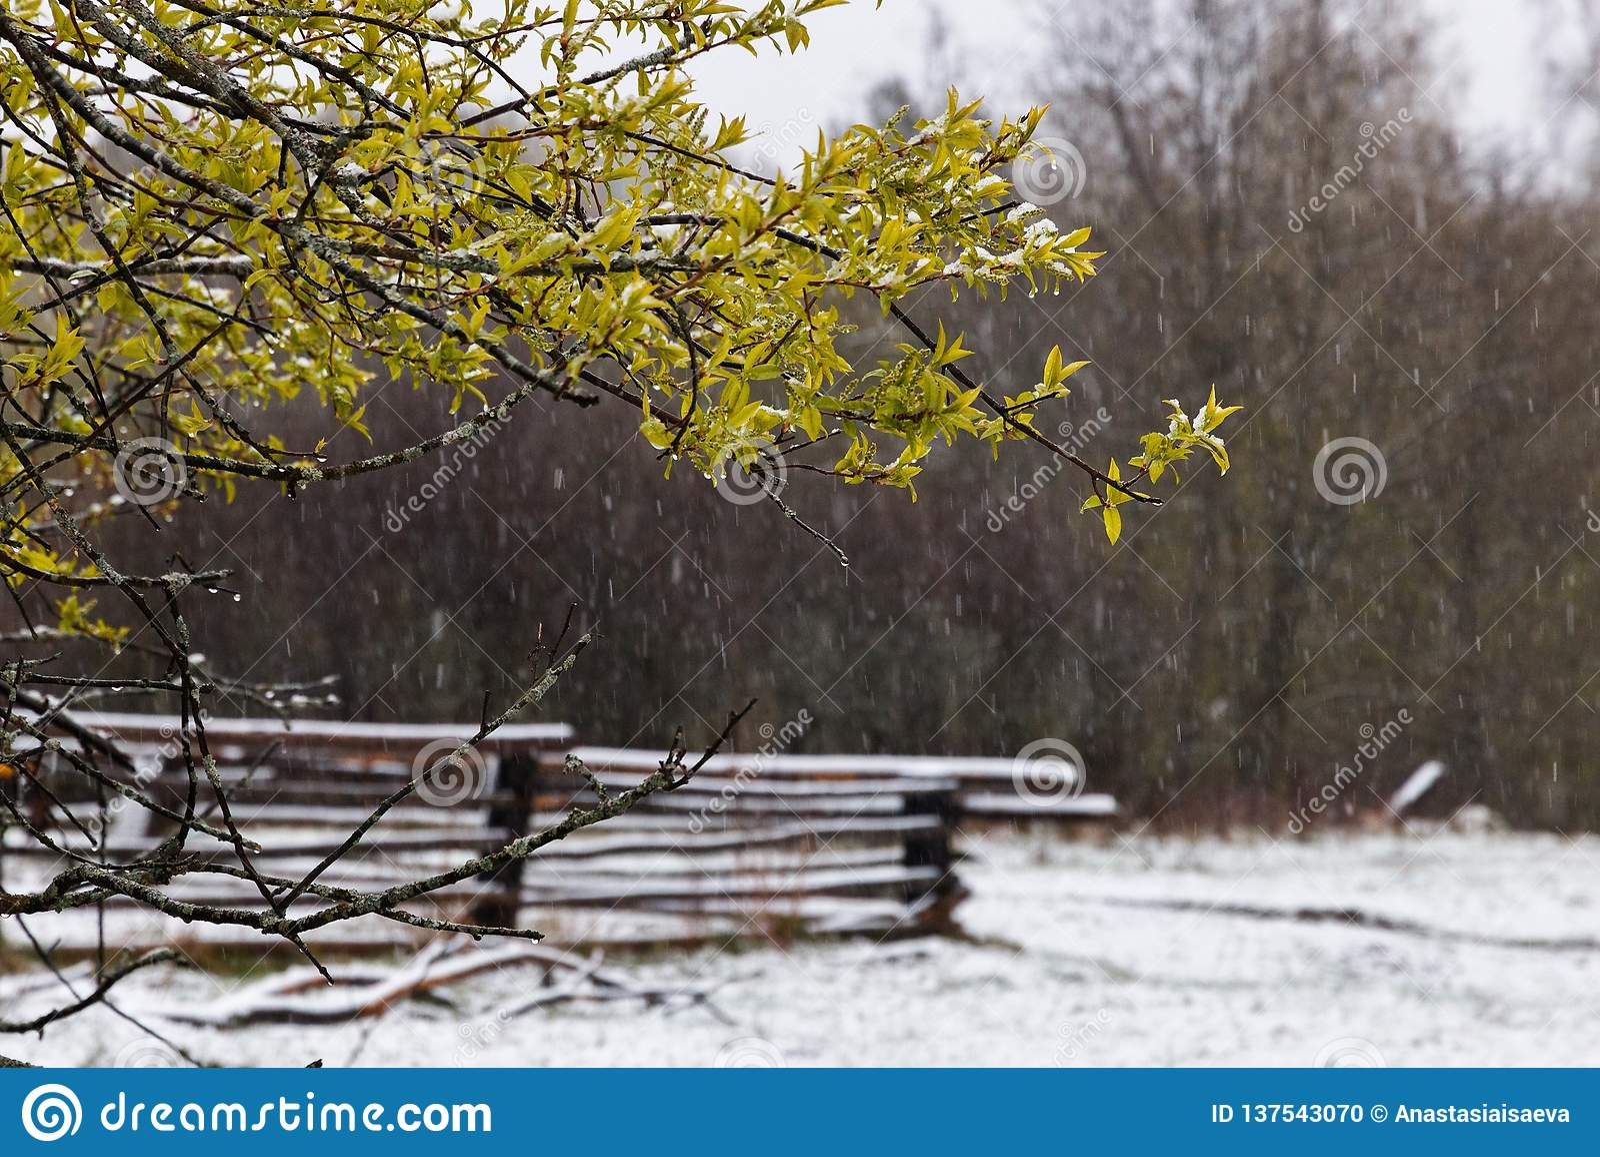 Regnerische Schnee- und Vogelbaumblüte im Frühjahr